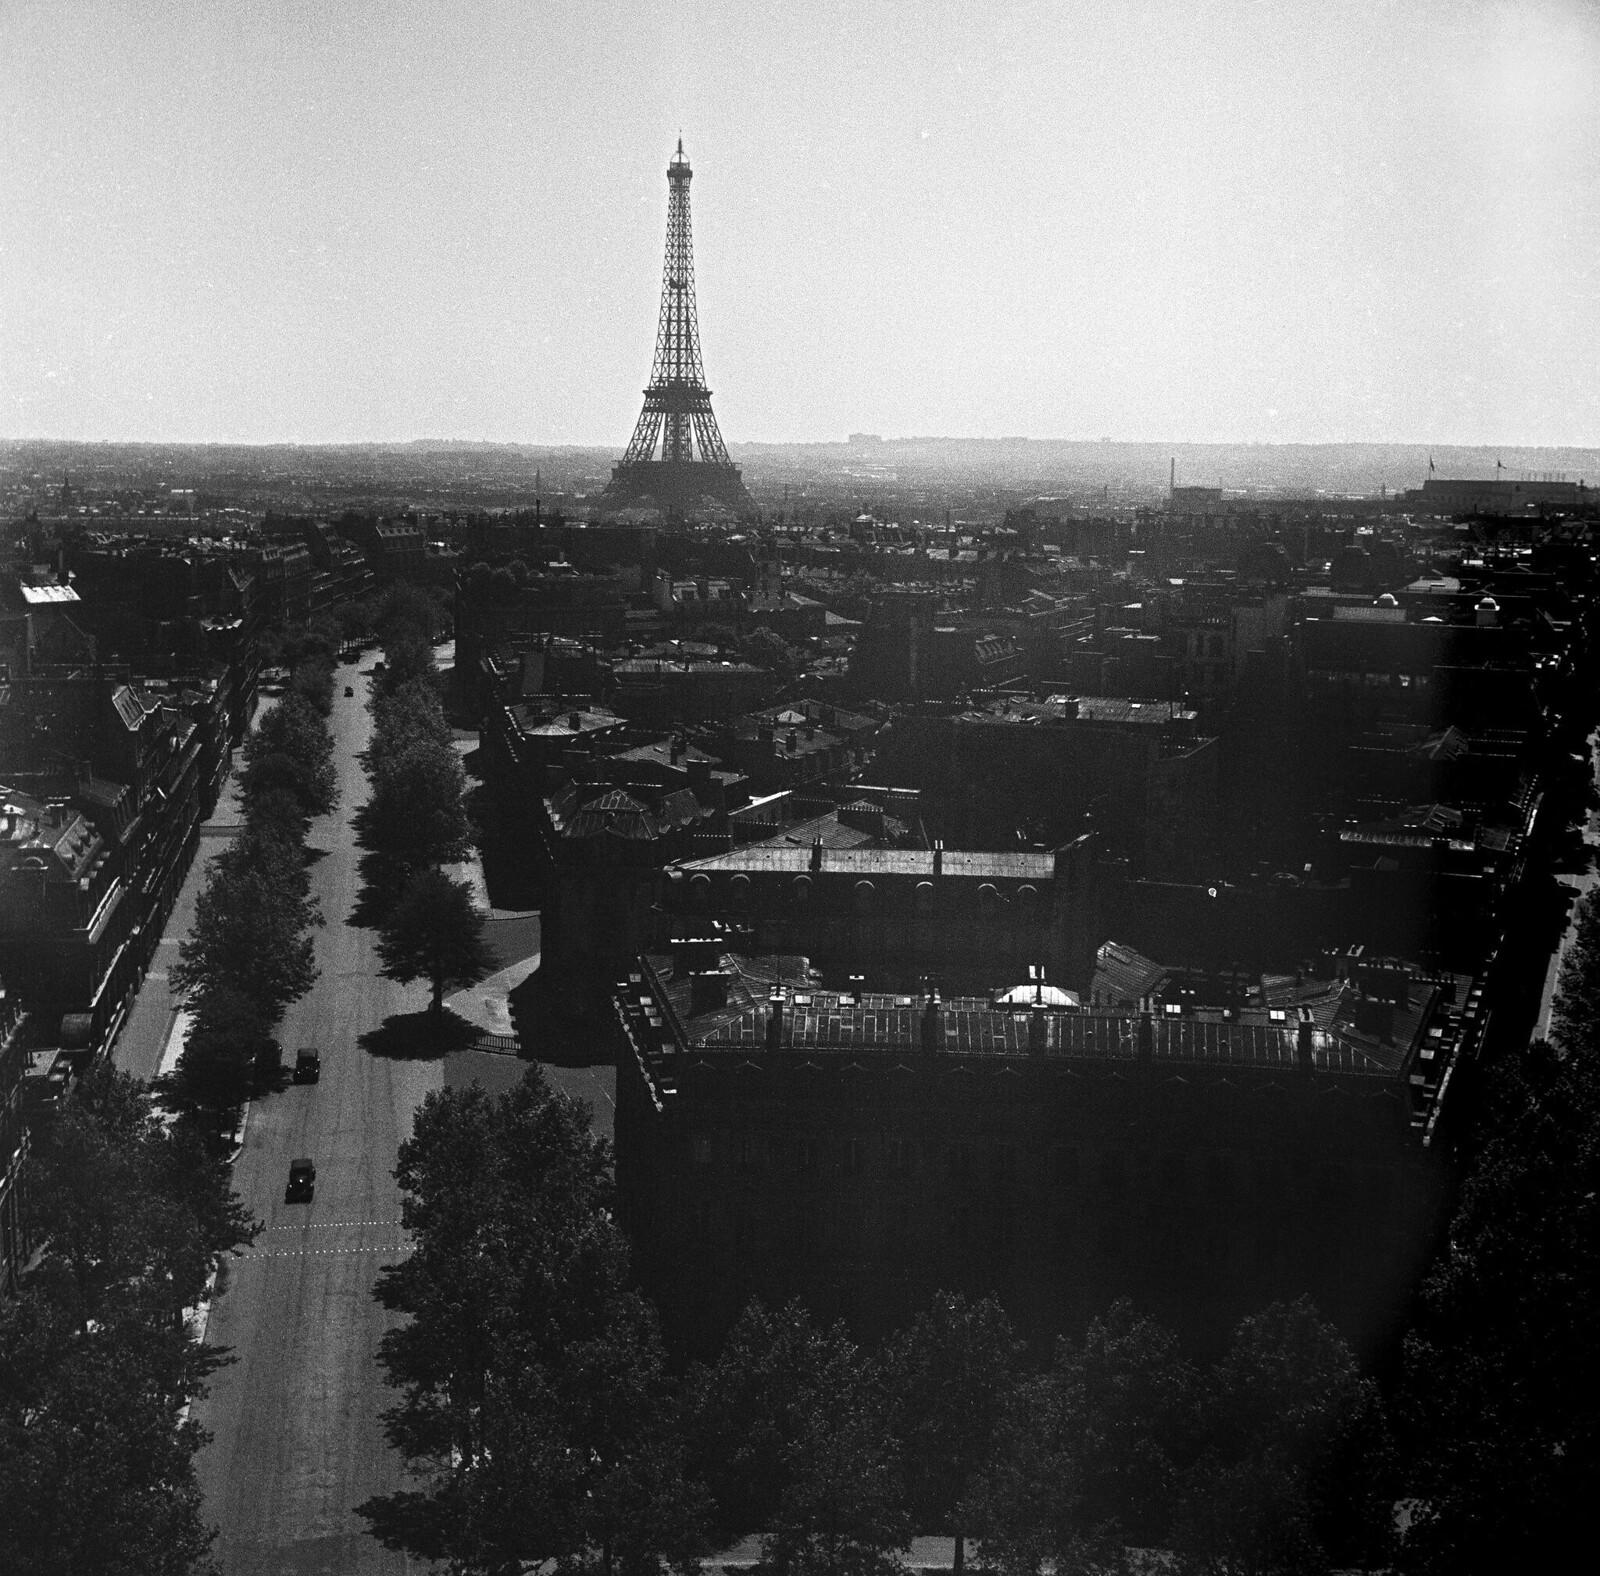 07. 1949. Общий вид на город с крыши с Эйфелевой башней на расстоянии. 6 мая